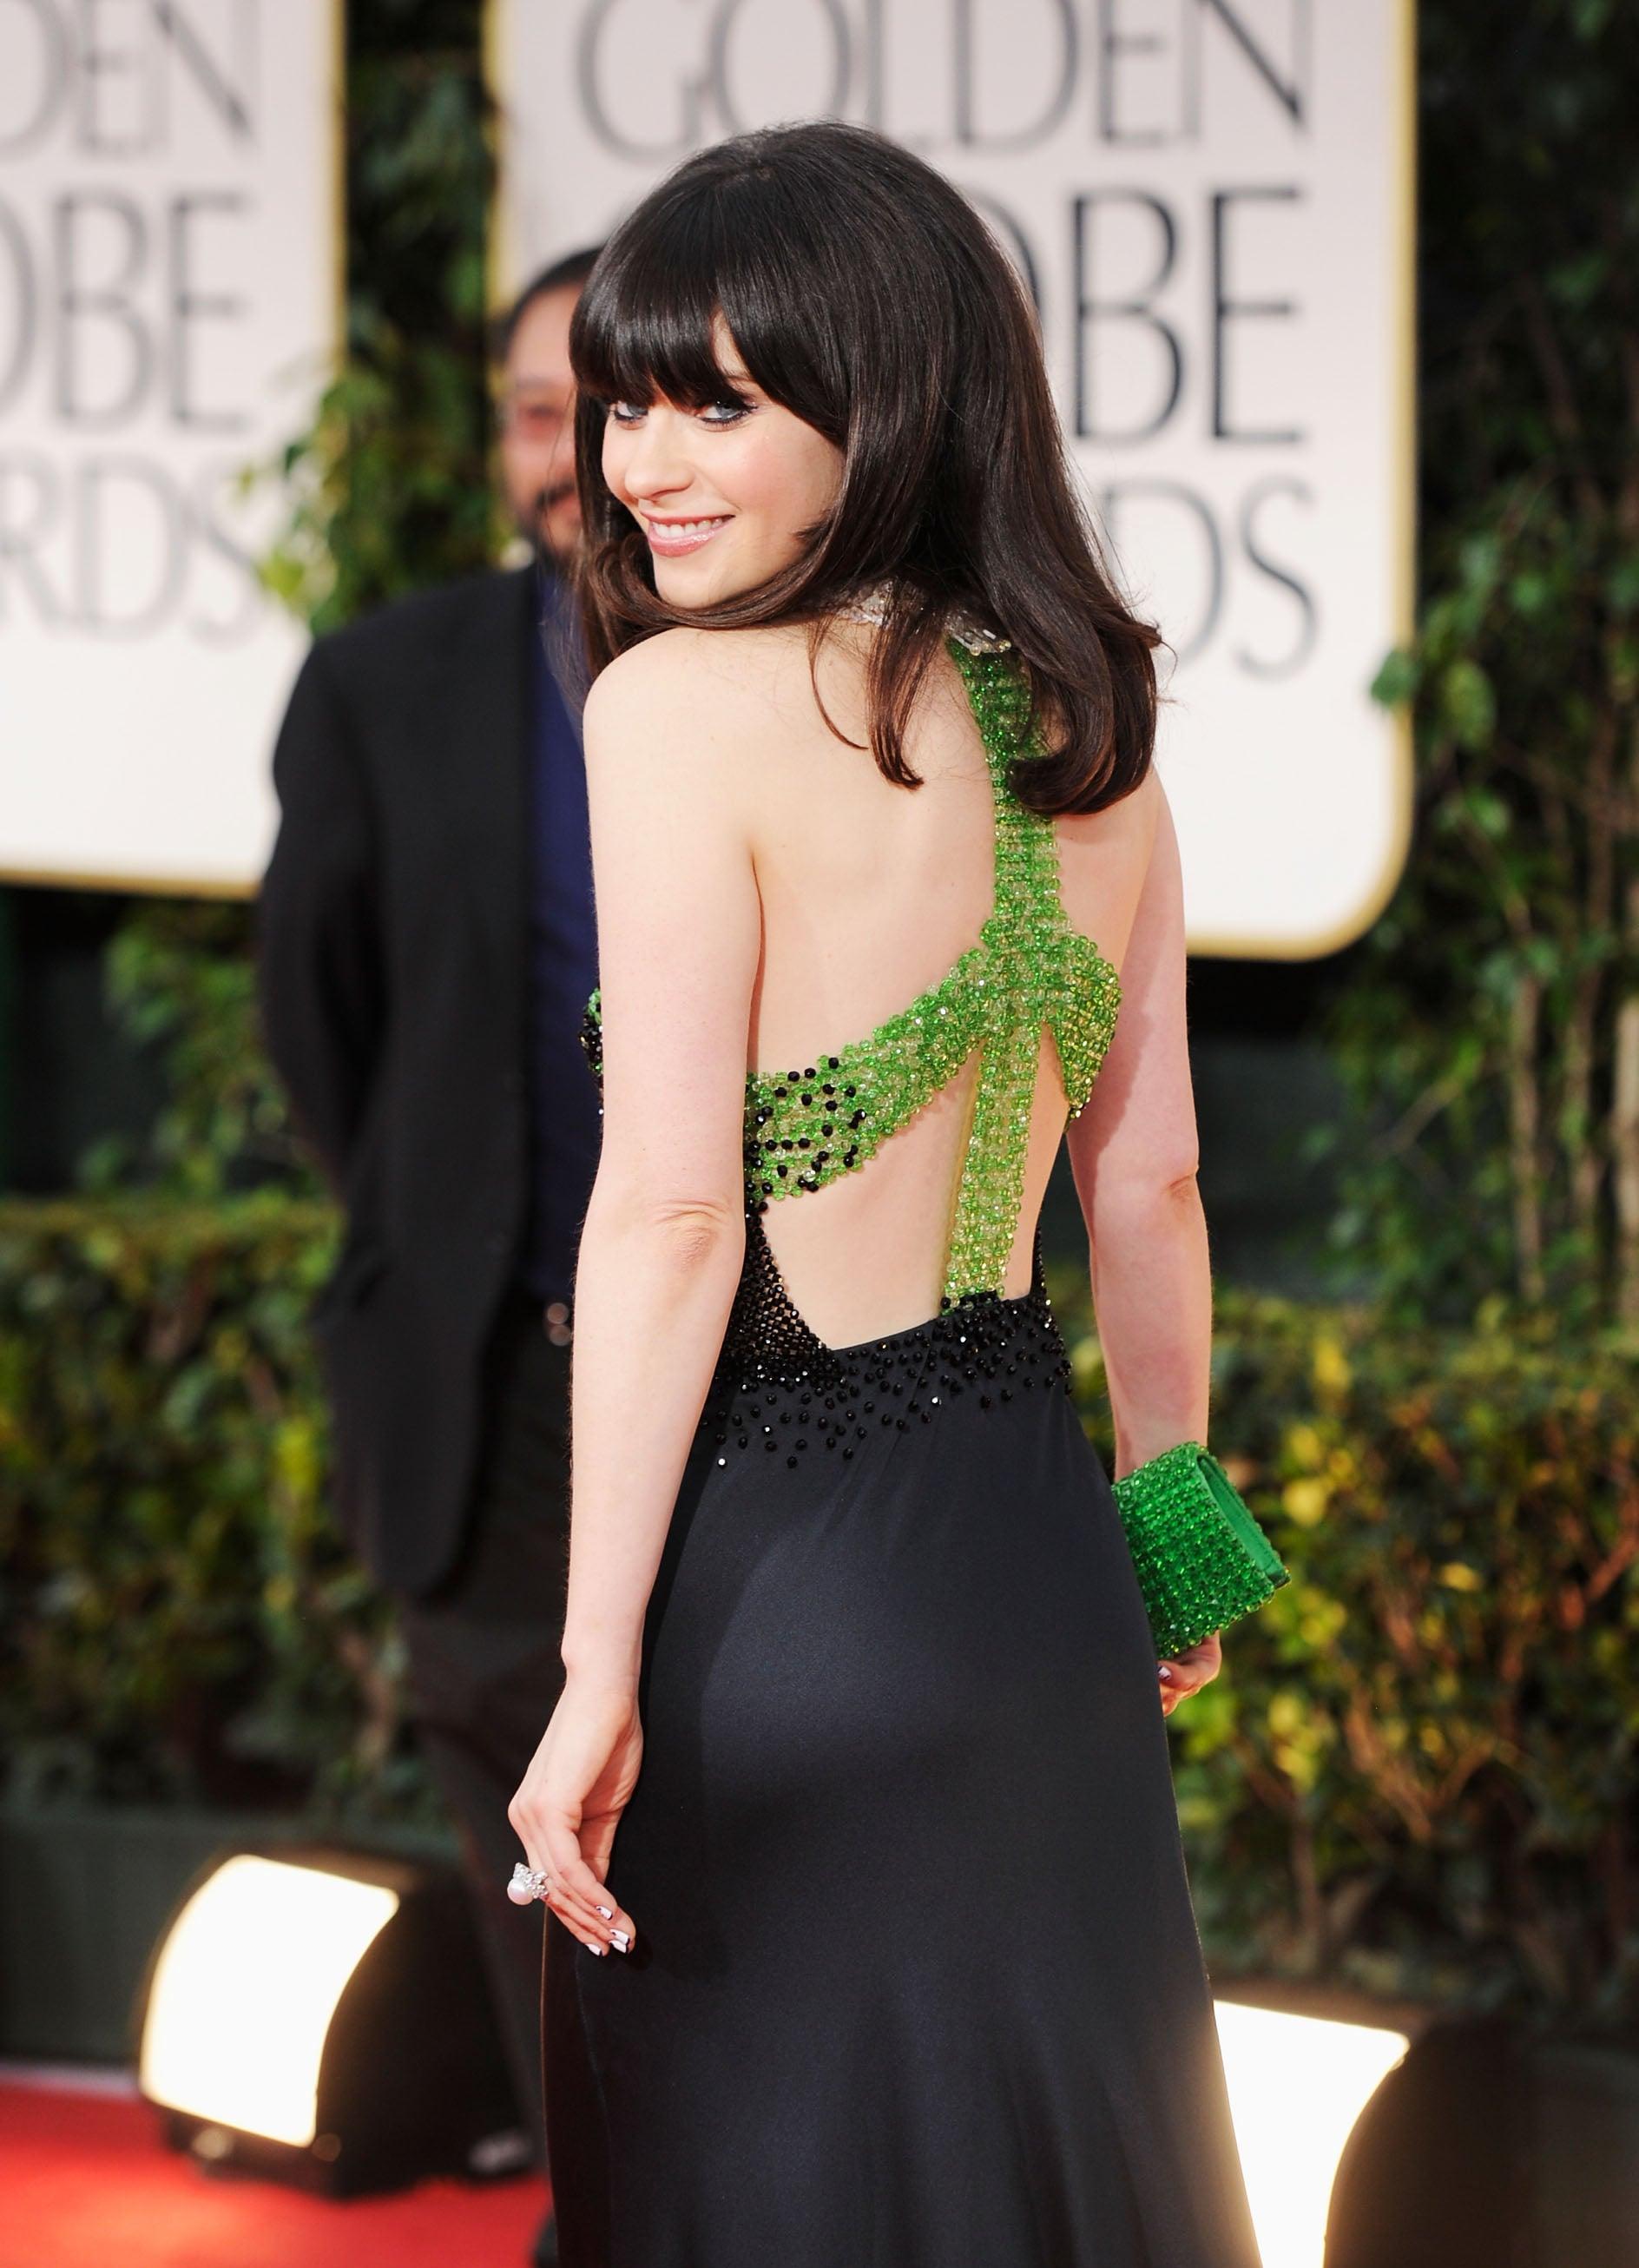 Golden Globes 2012 Red Carpet Dress Pictures Popsugar